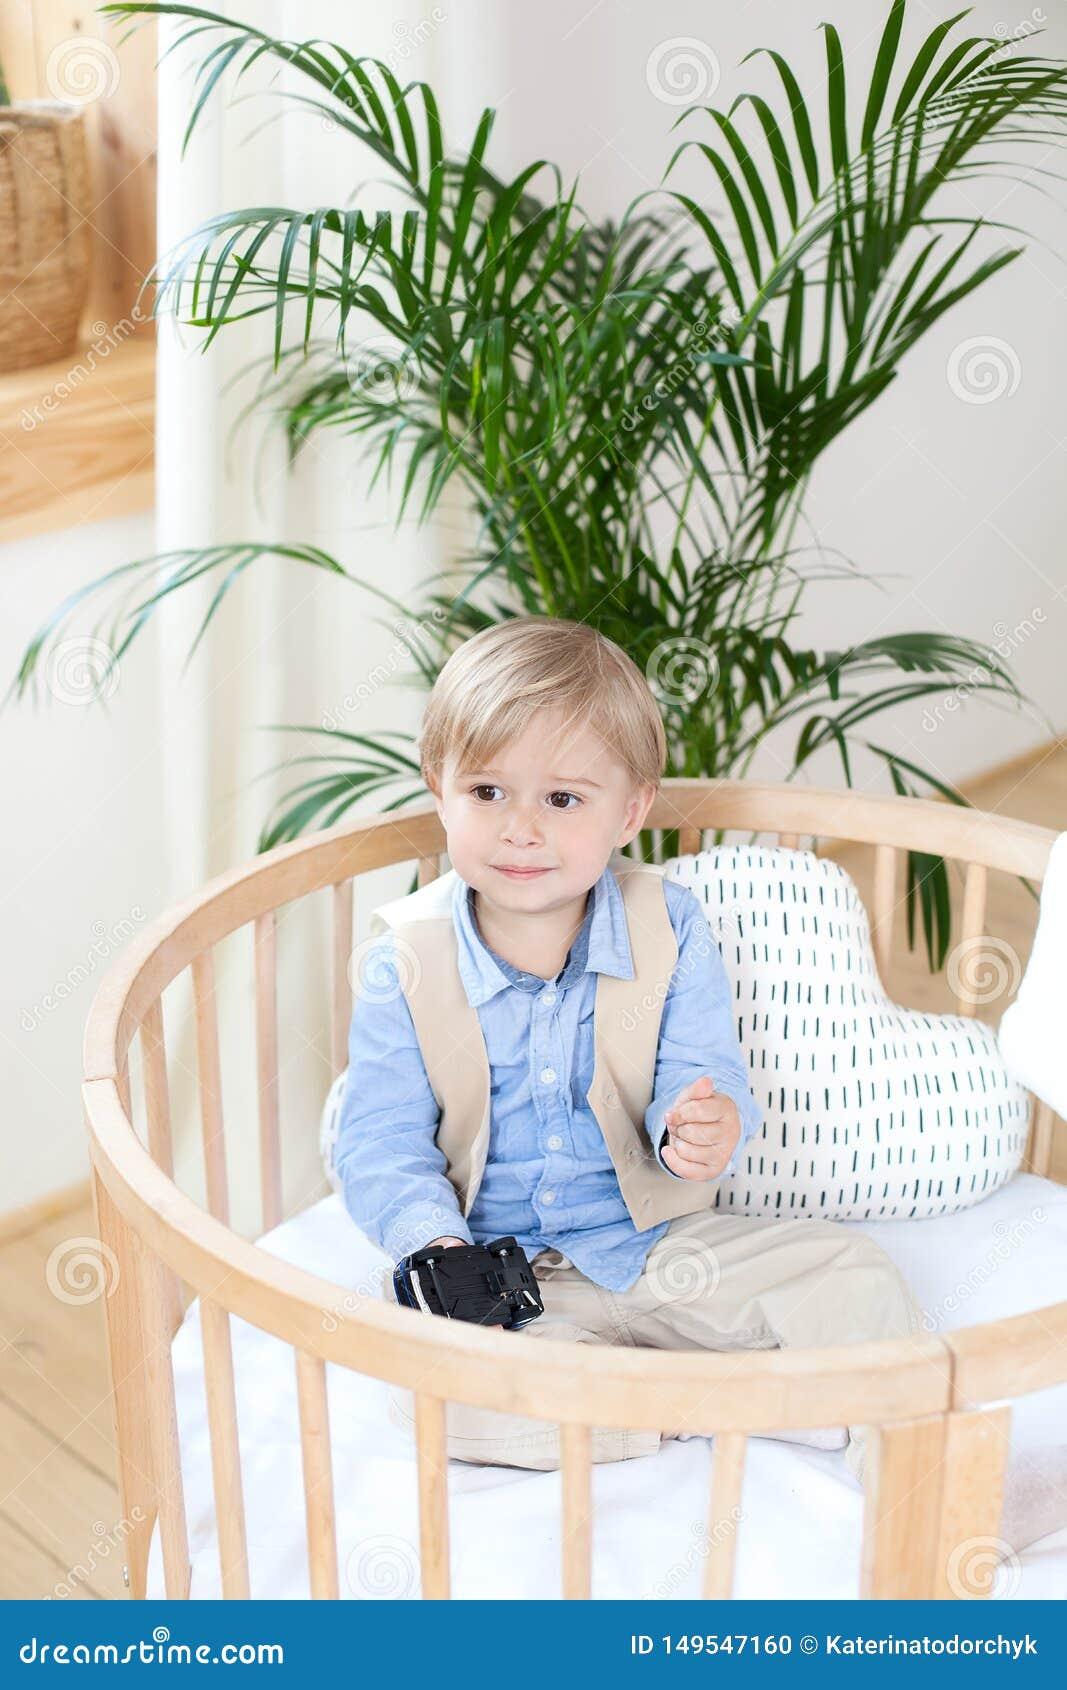 Portret van een gelukkige jongen die in een babywieg spelen De jongen zit alleen in een voederbak in het kinderdagverblijf Eenzaa